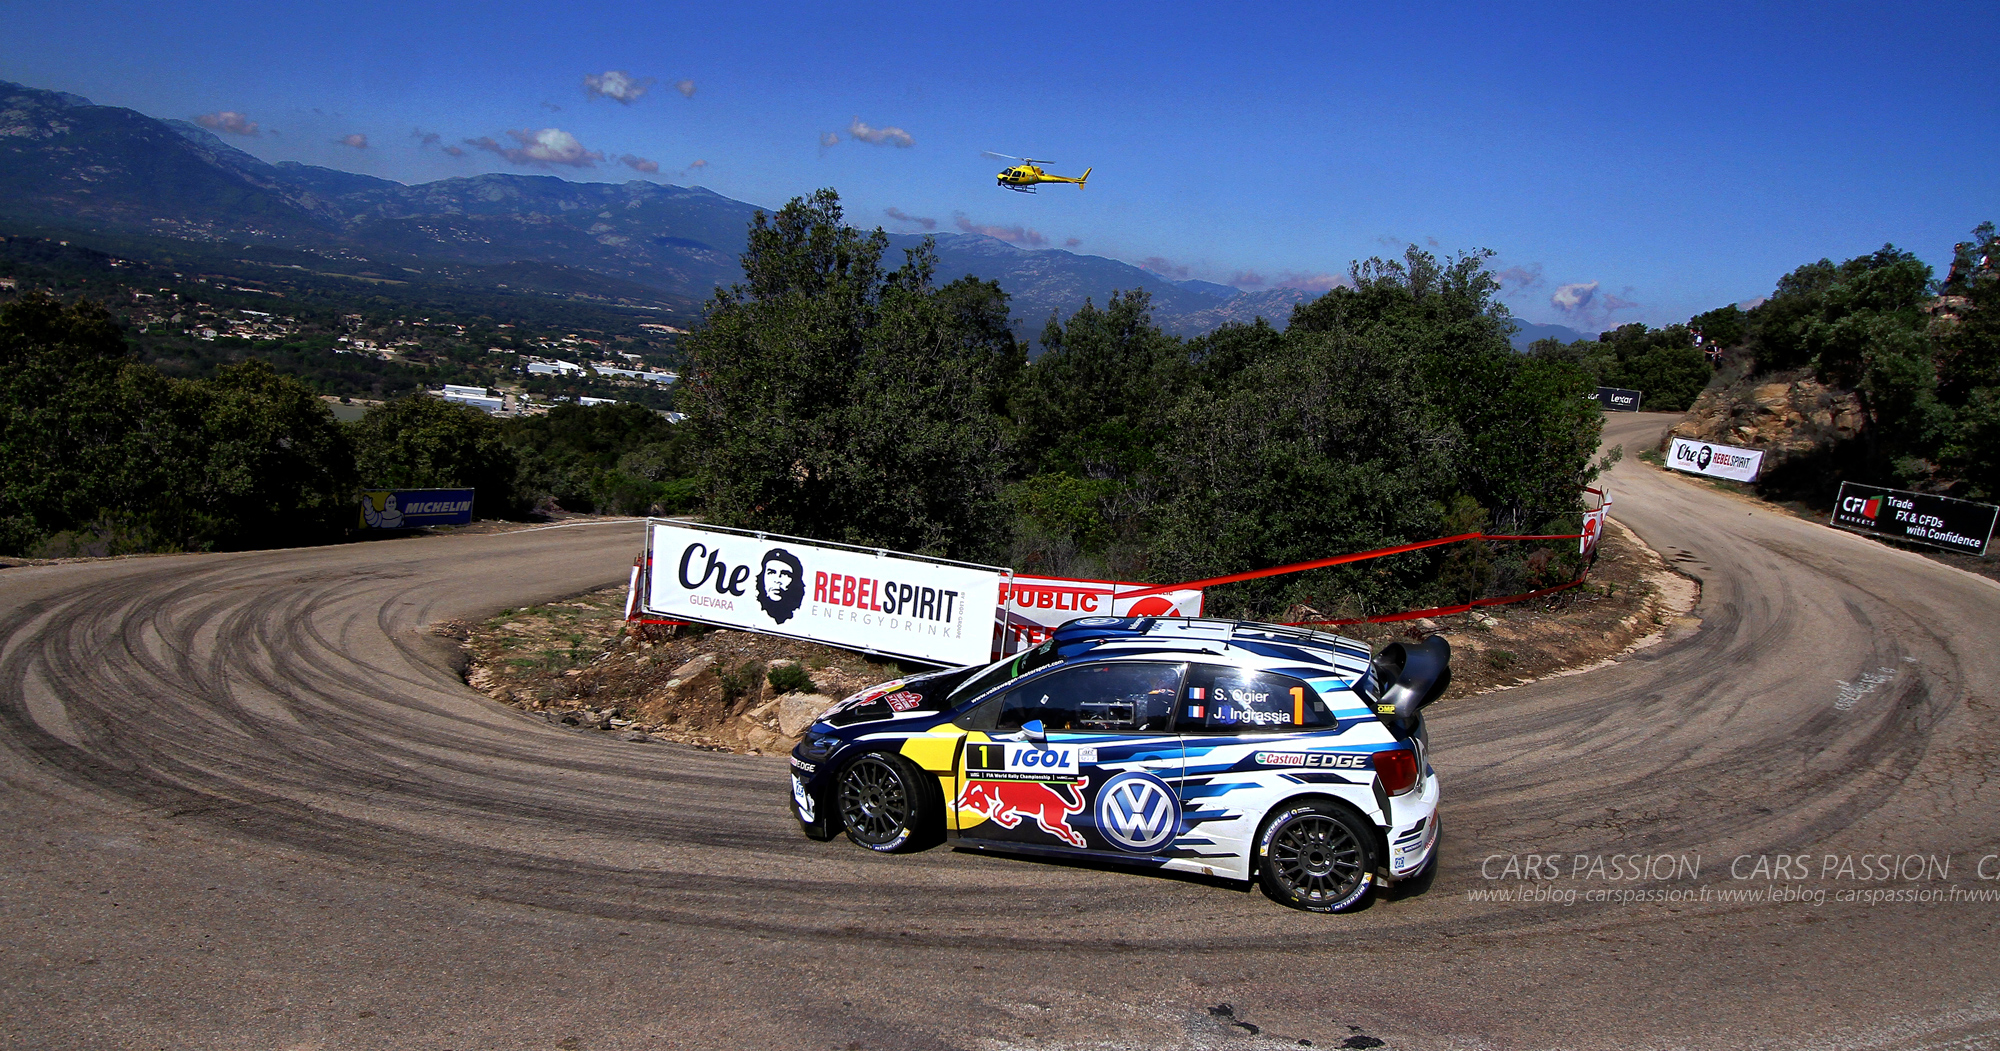 WRC-2016-Tour-de-corse-Ogier-VW-N1-4